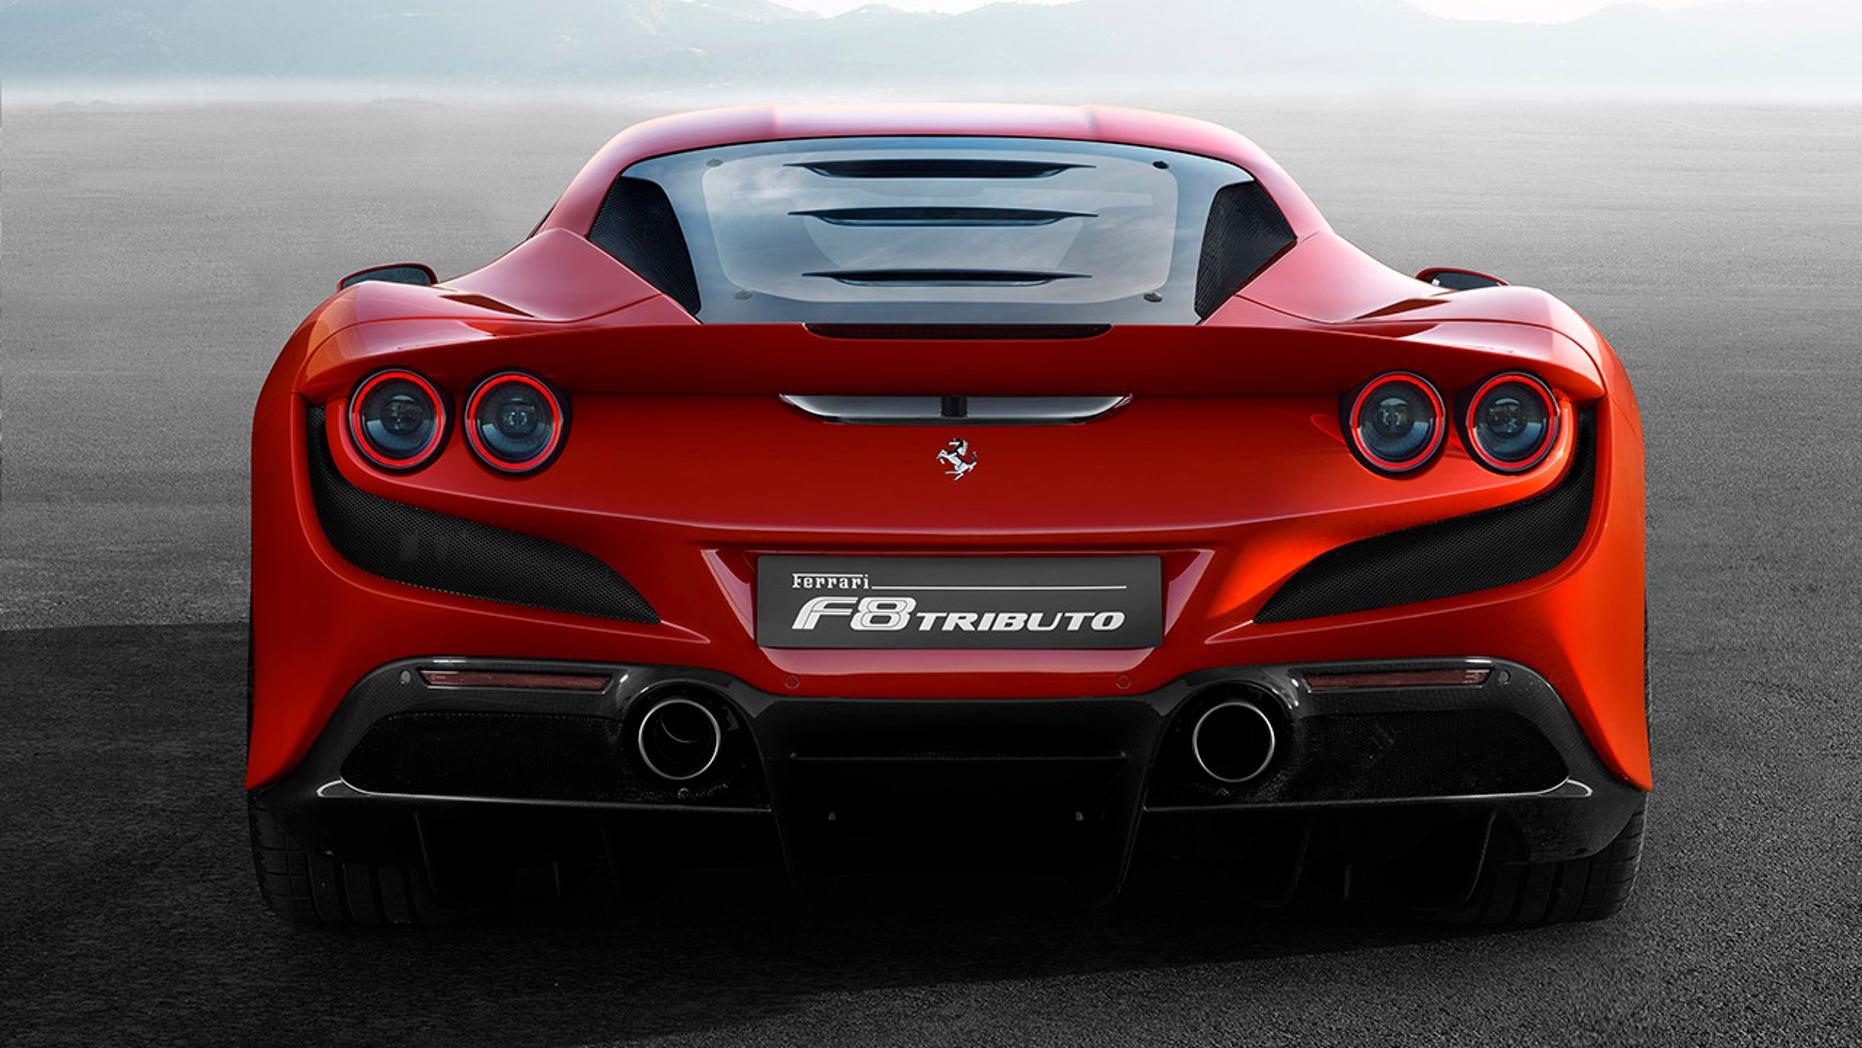 Ferrari F8 Tributo rear view